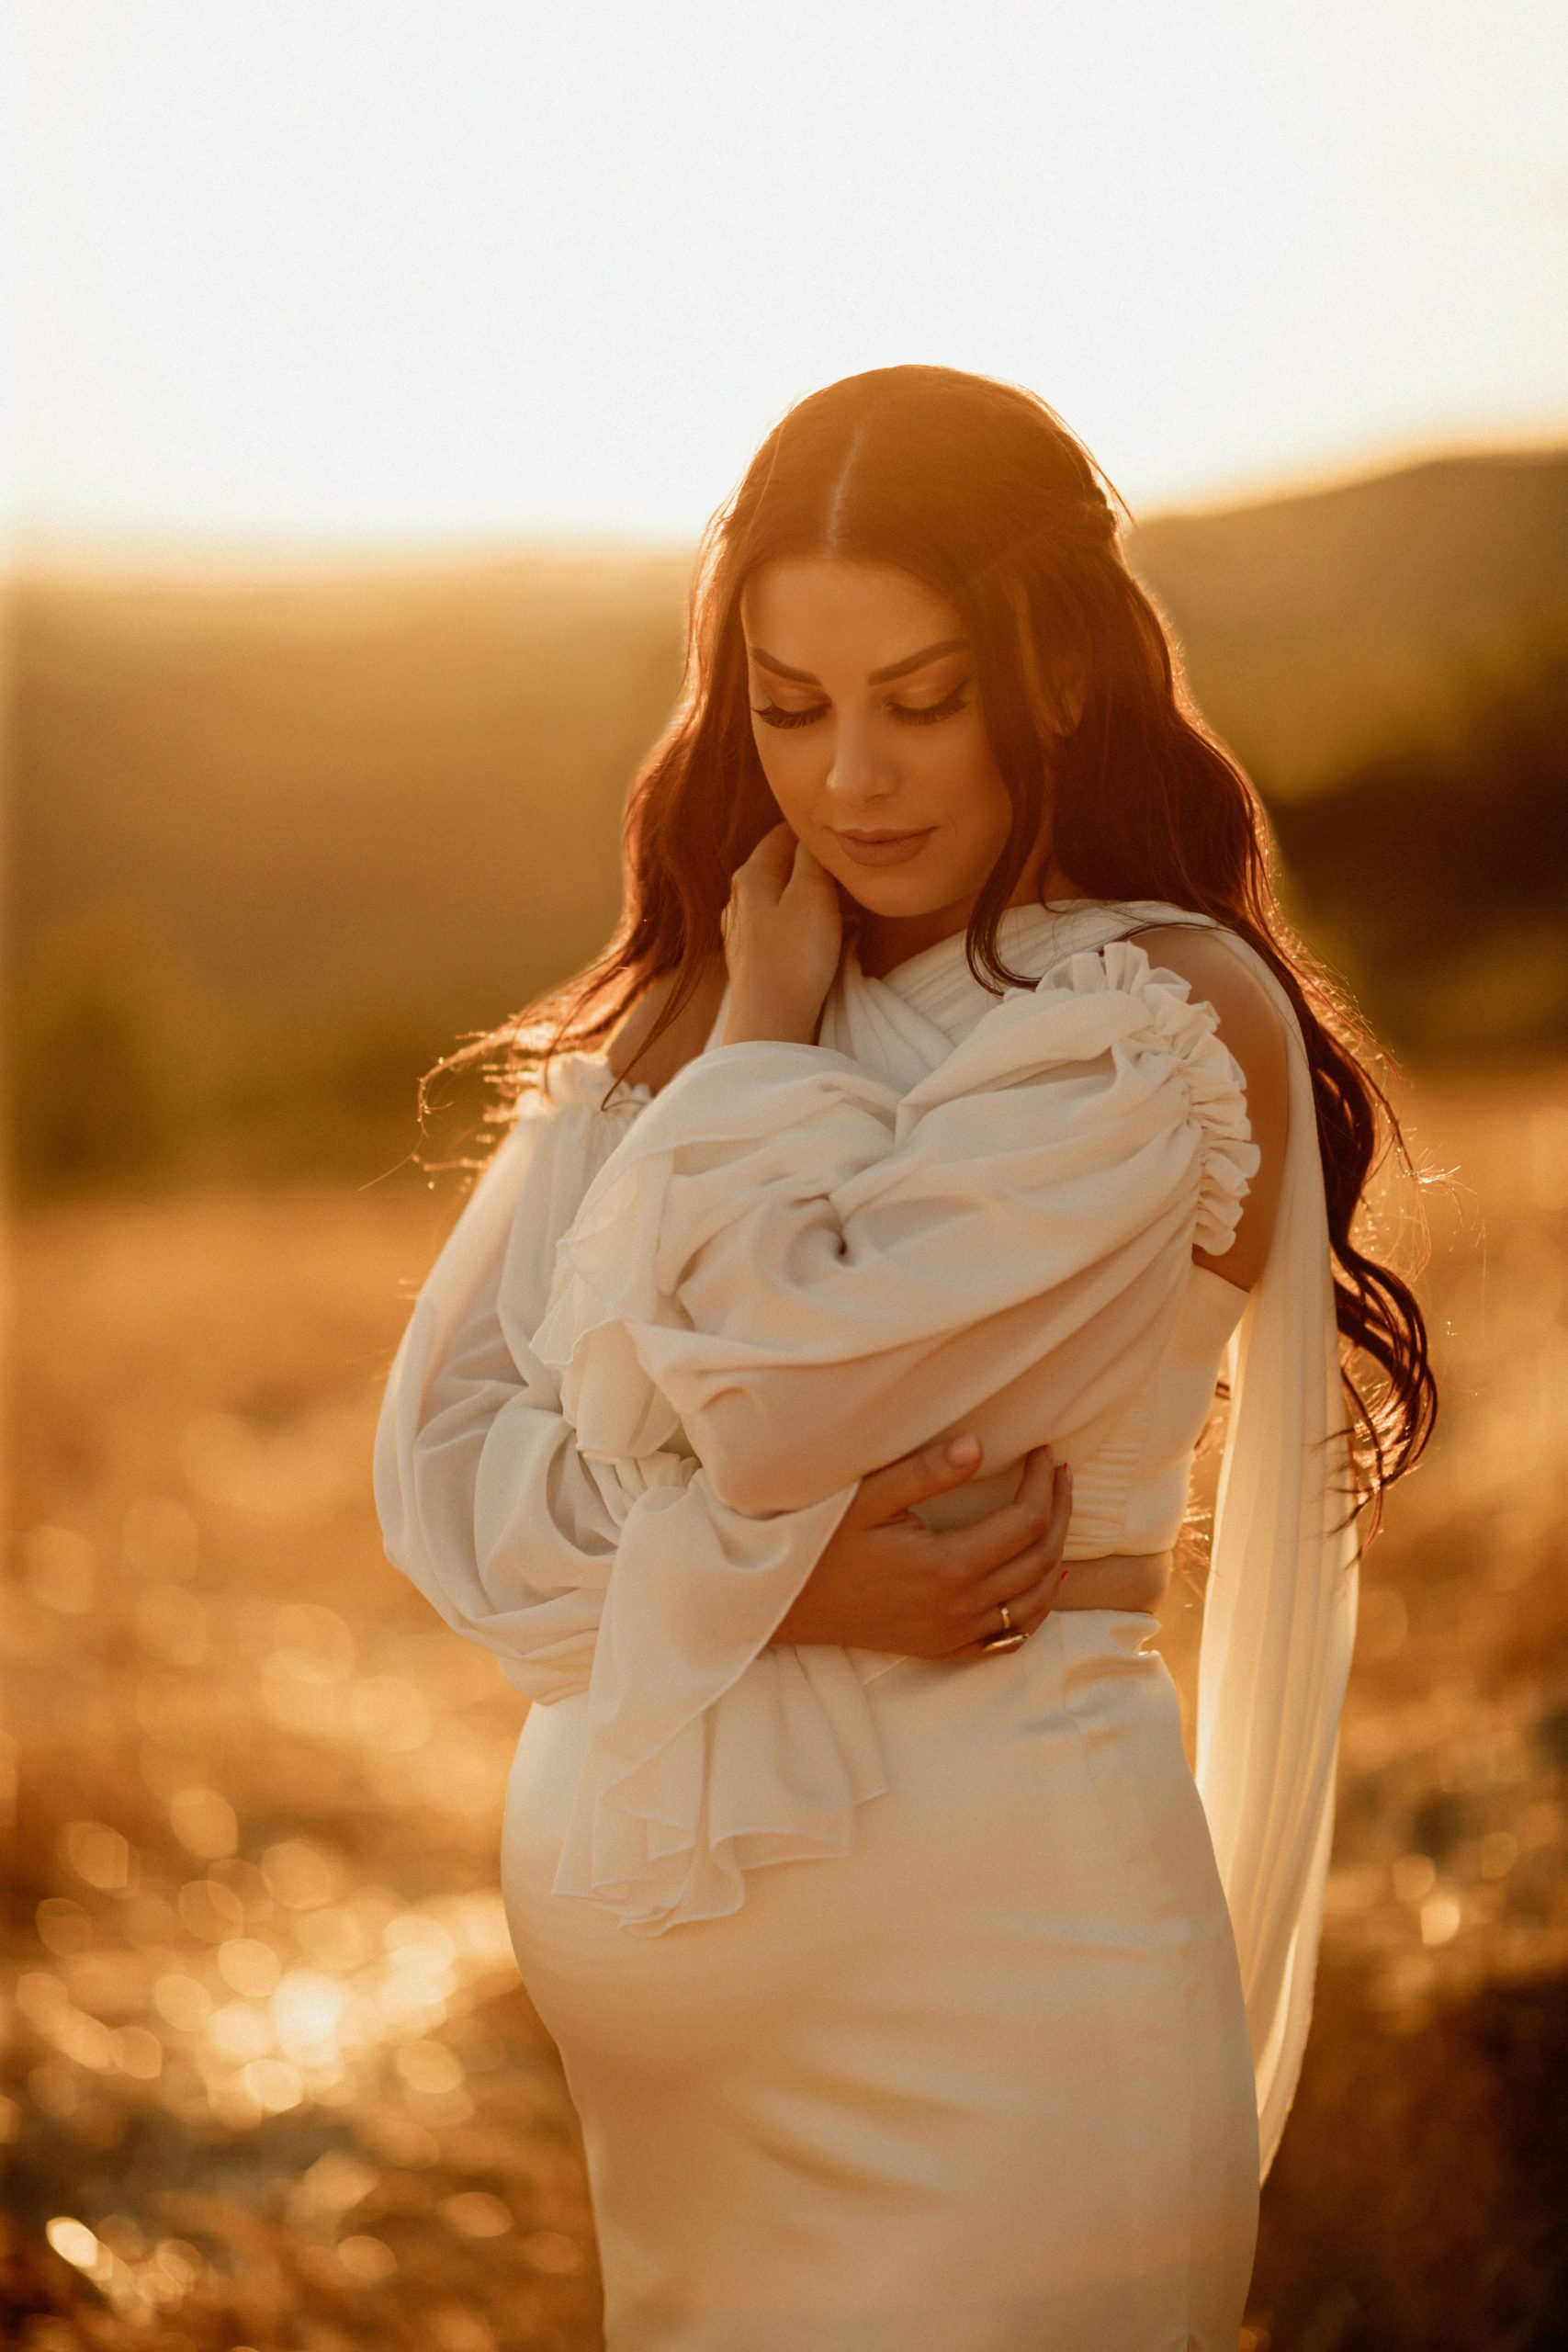 Golden hour pregnancy photos